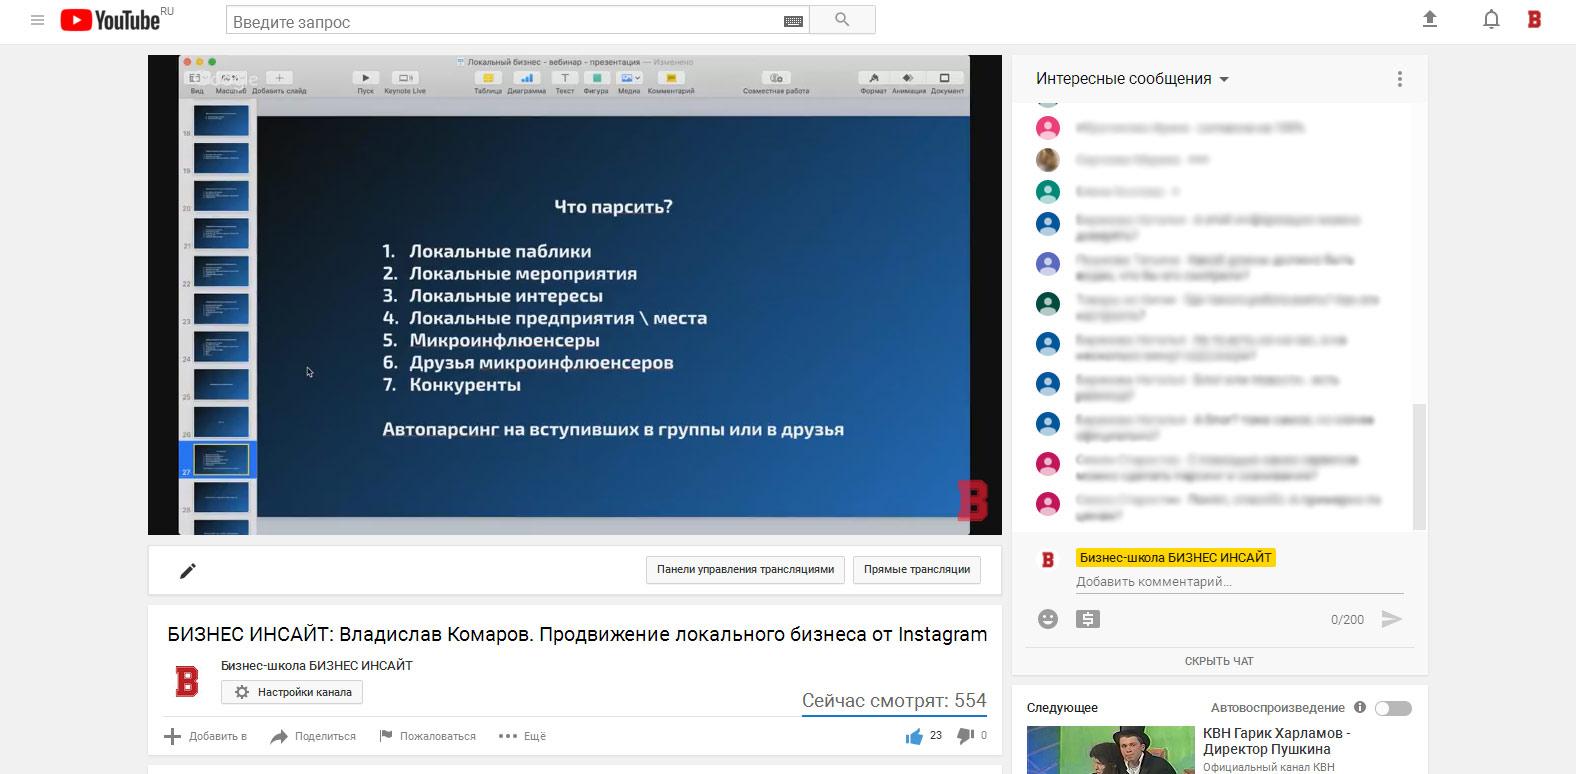 Владислав Комаров провел открытый (бесплатный) вебинар на площадке БИЗНЕС ИНСАЙТ